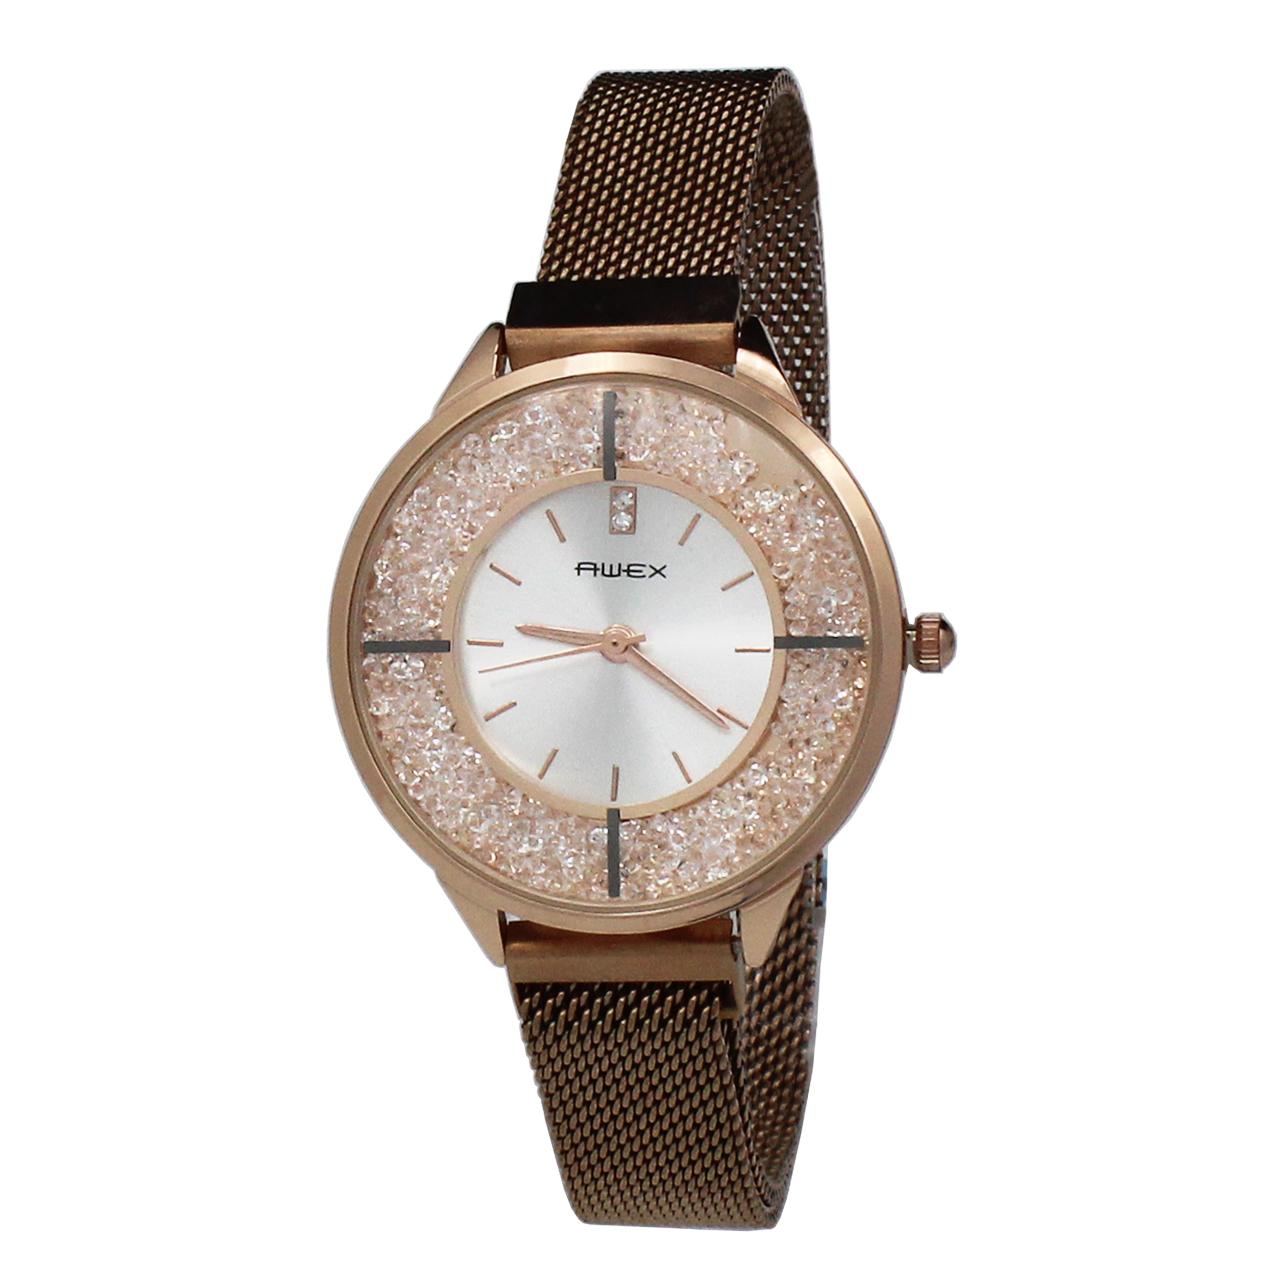 ساعت مچی عقربه ای زنانه آوکس مدل R8012